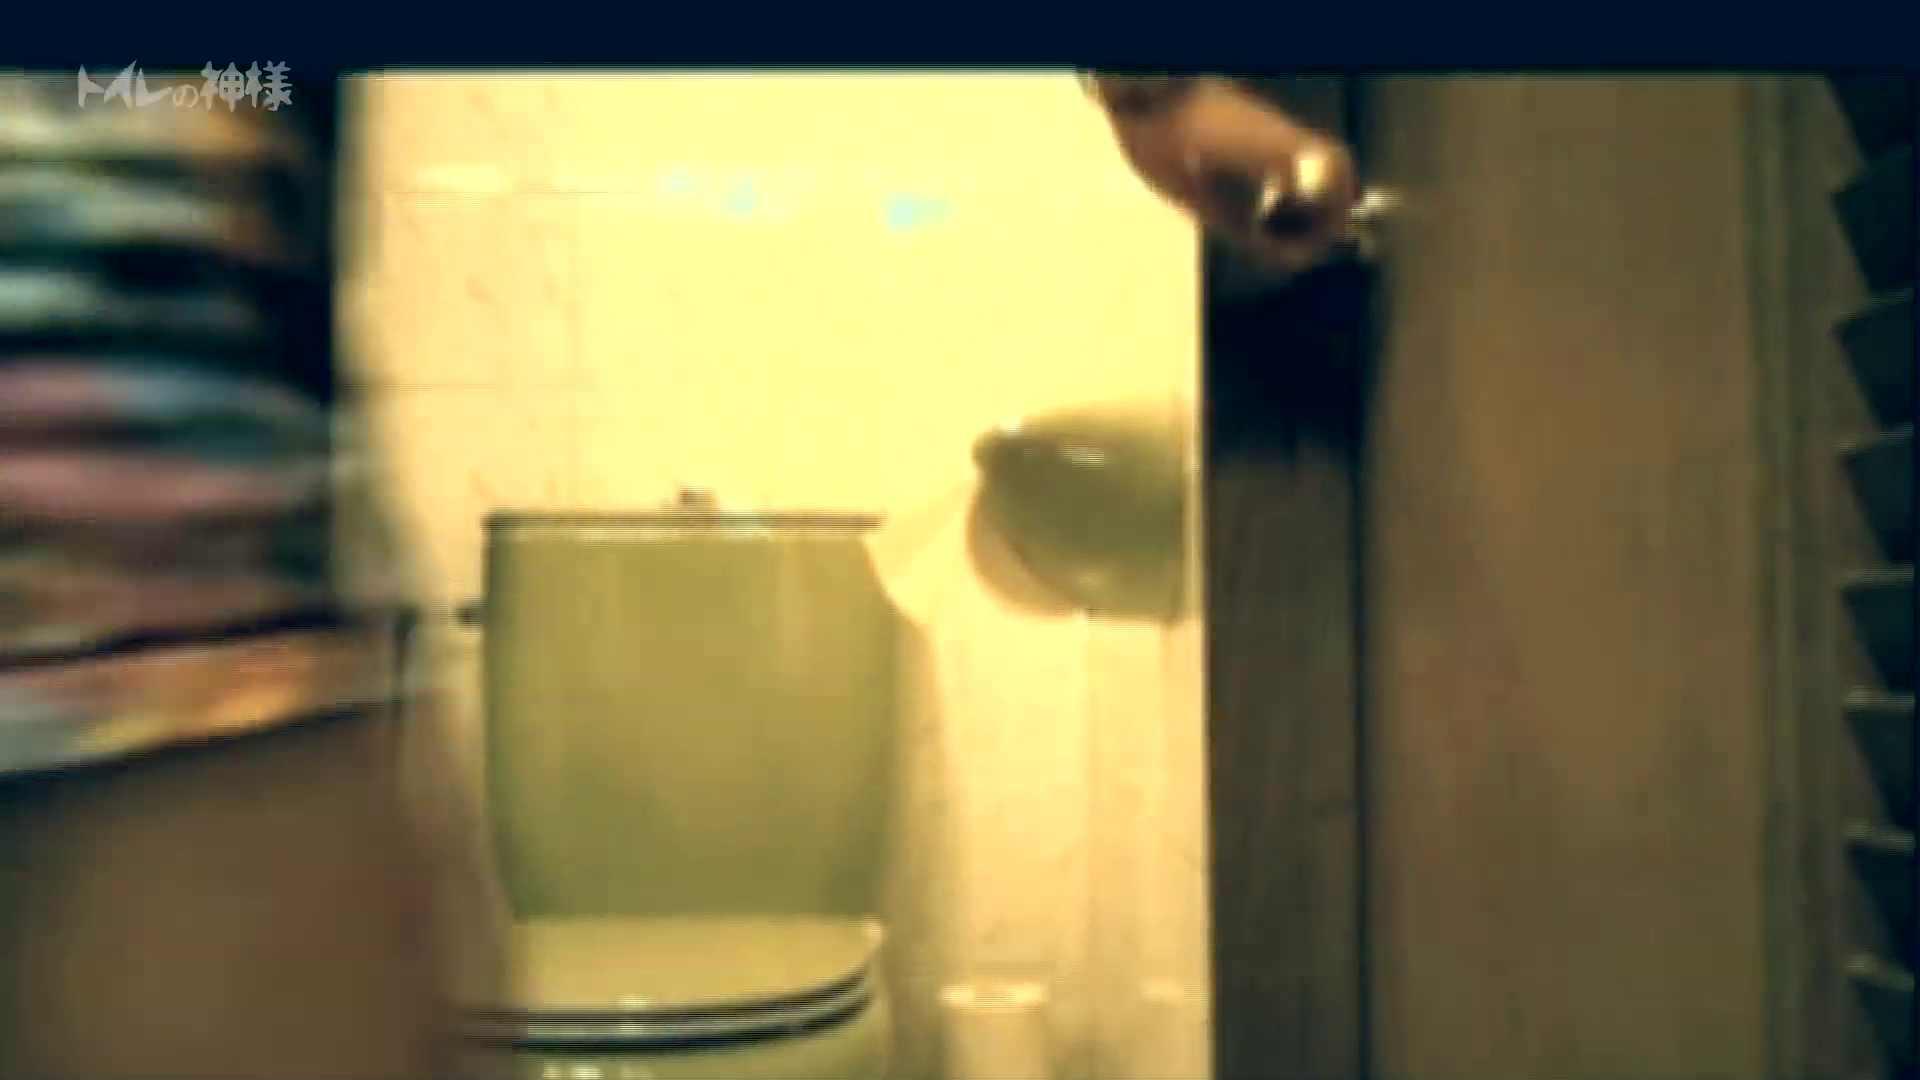 トイレの神様 Vol.01 花の女子大生うんこ盗撮1 OL | うんこ好き  25連発 3